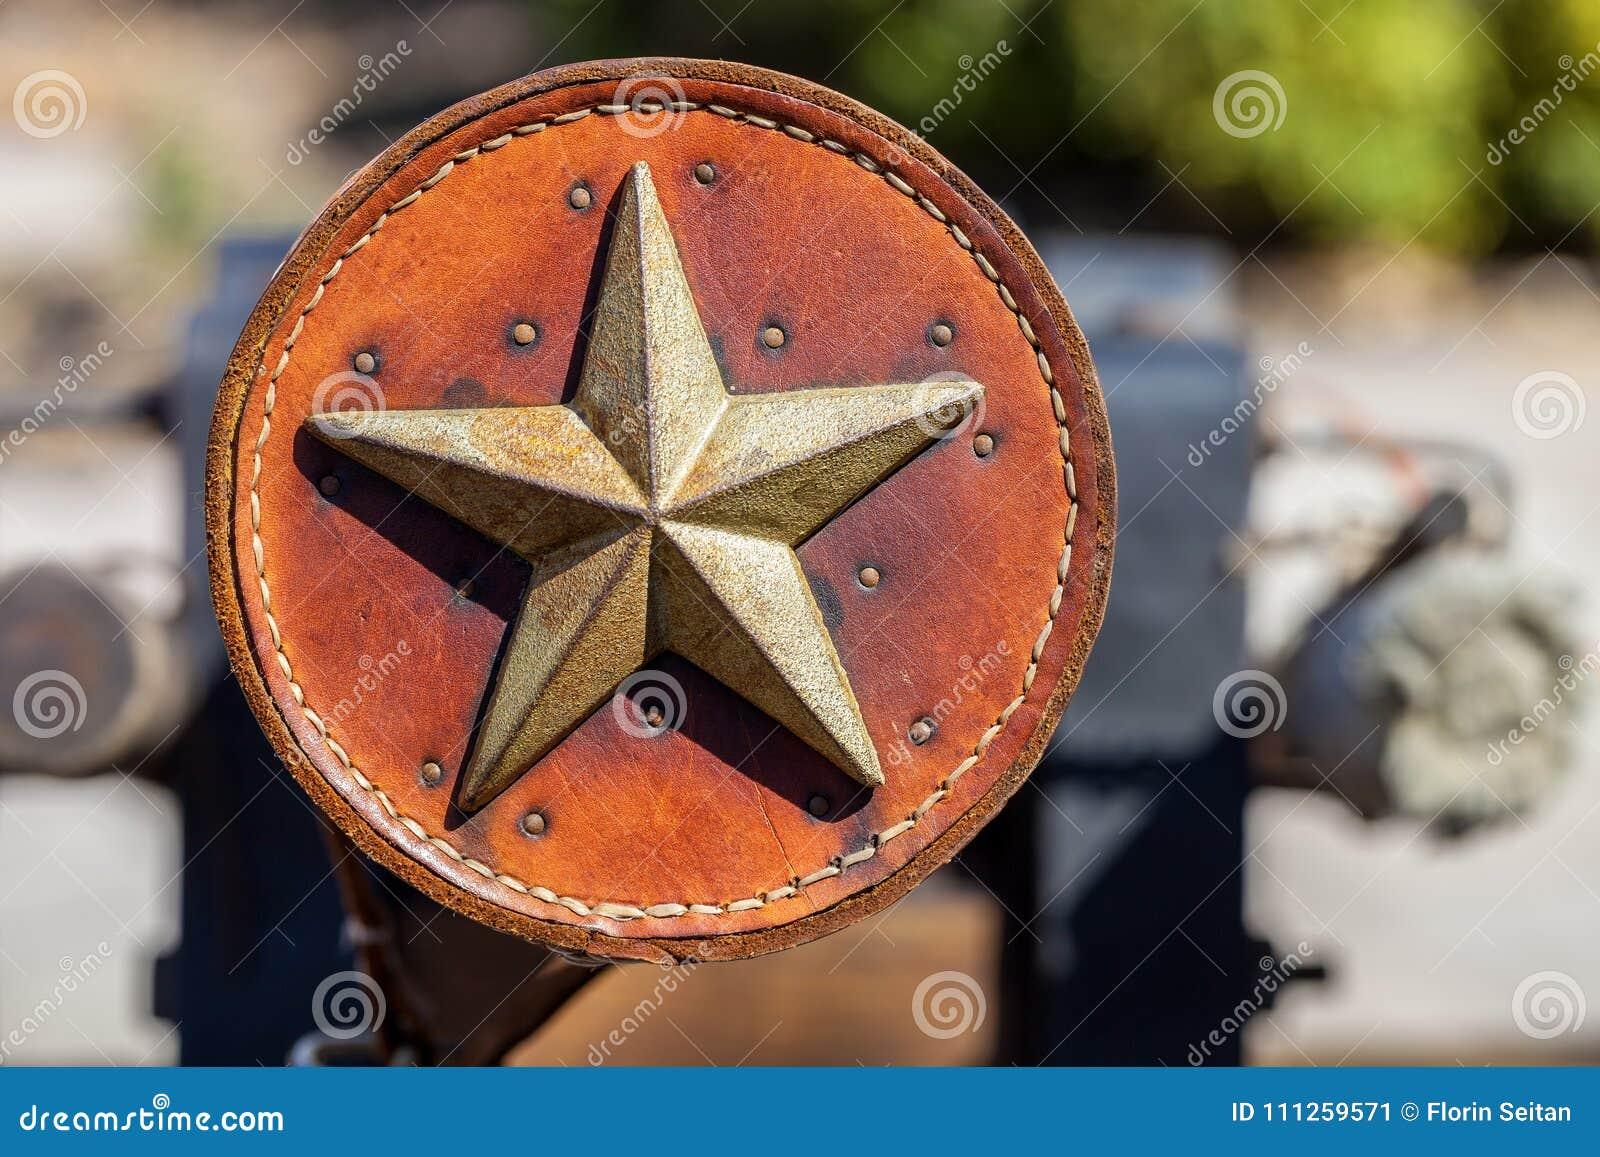 Παλαιά διακόσμηση δέρματος που διακοσμείται με το αστέρι του Τέξας μετάλλων